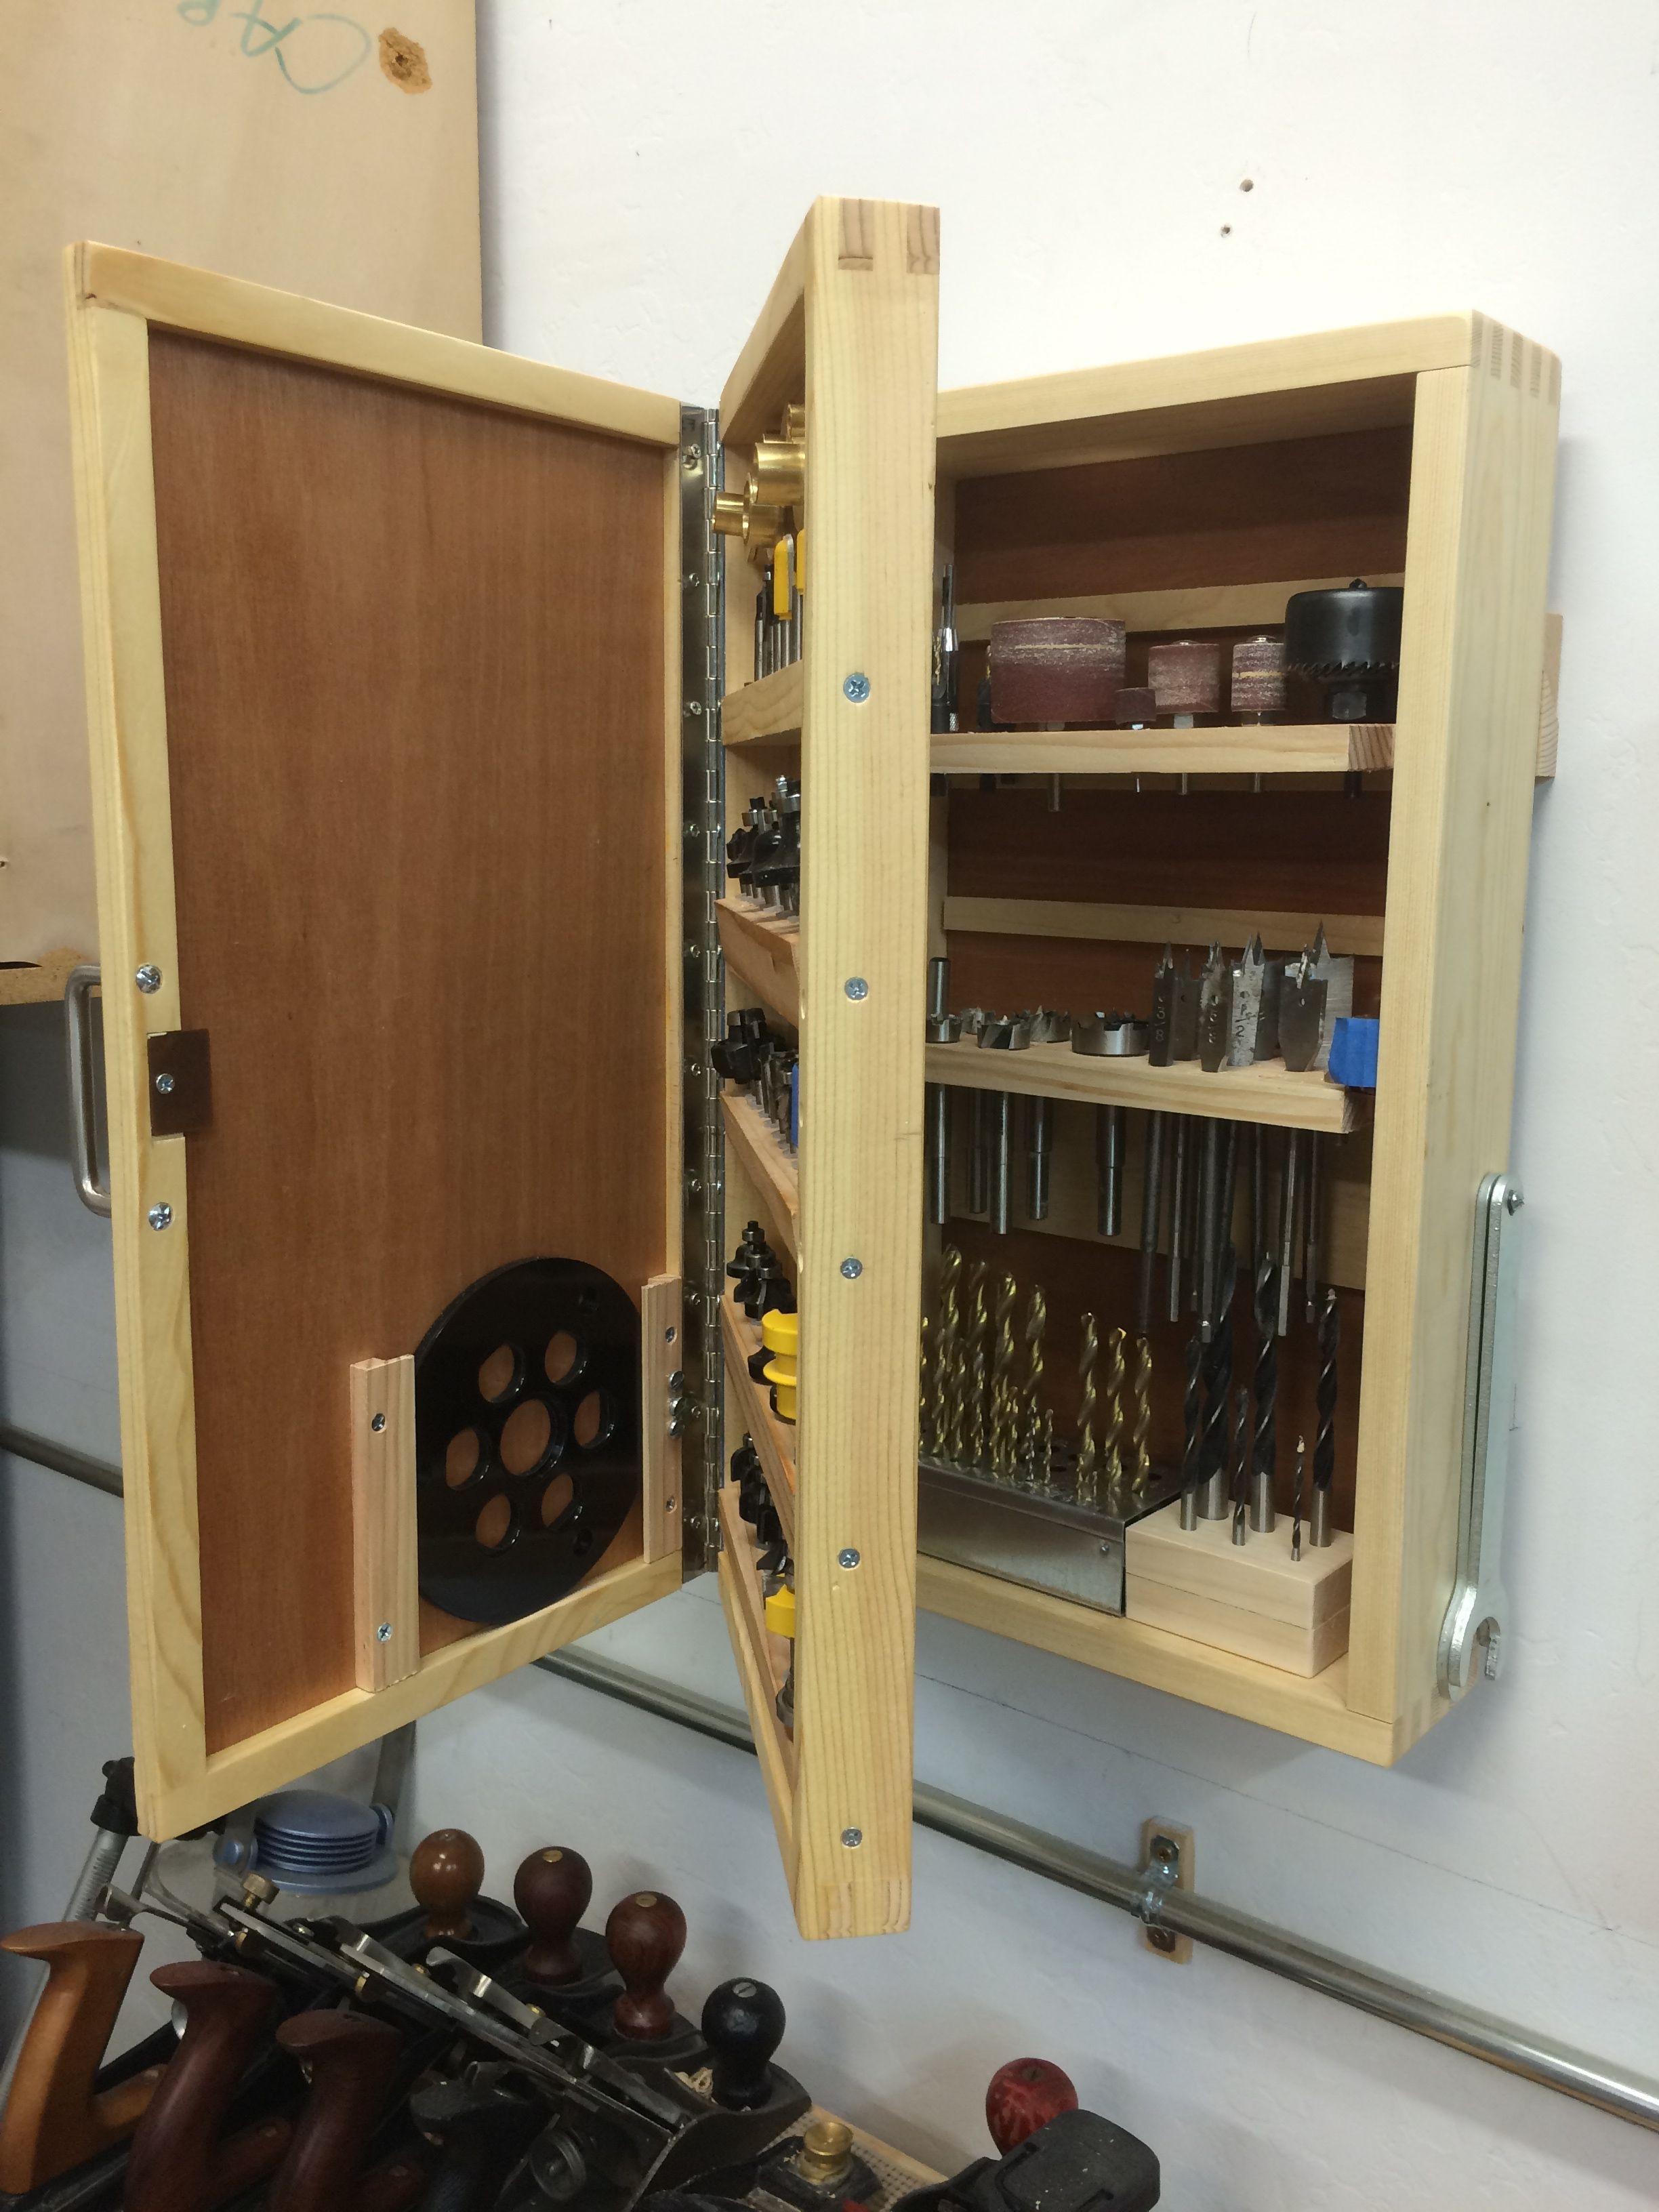 Drill Amp Router Bit Storage Cabinet Woodworking Garage